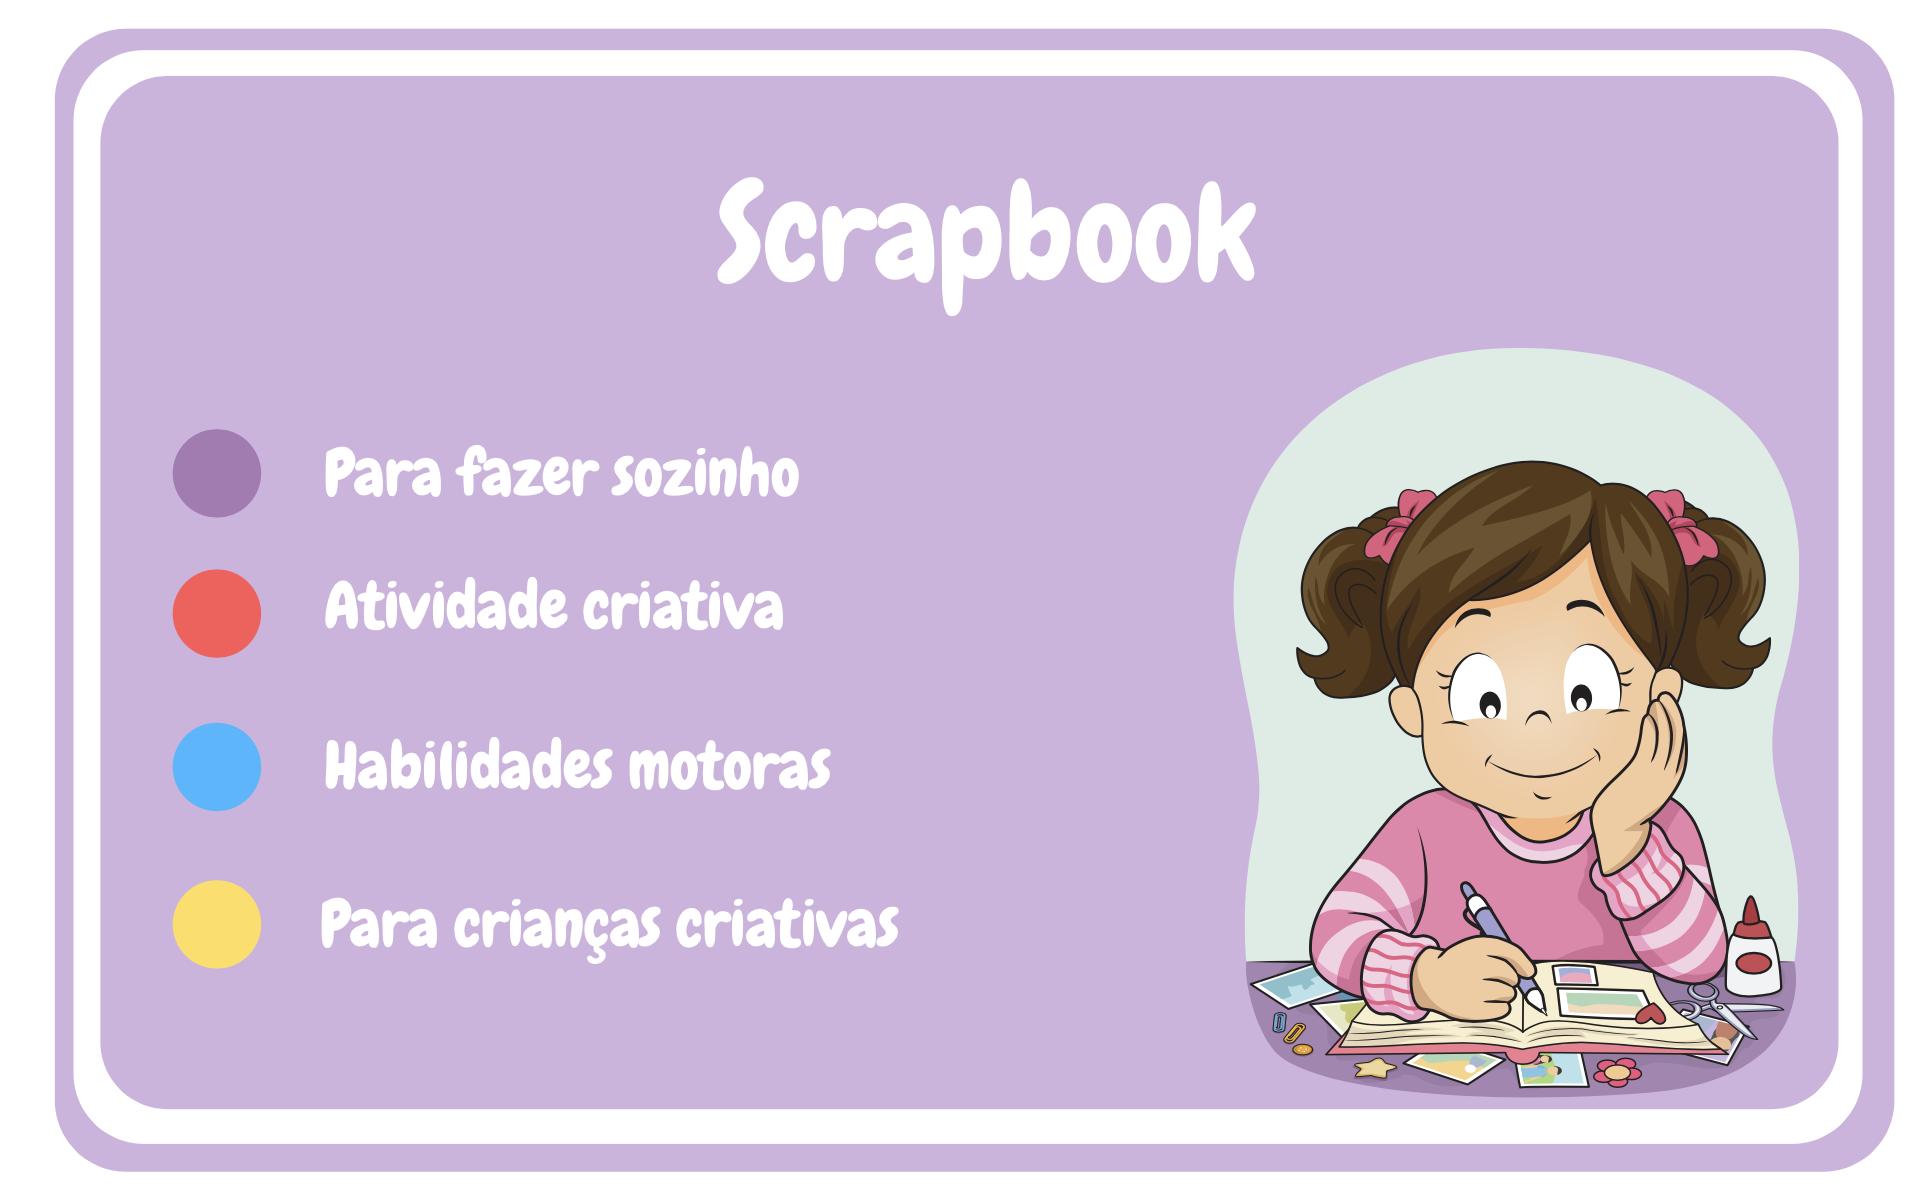 Fazer um scrapbook